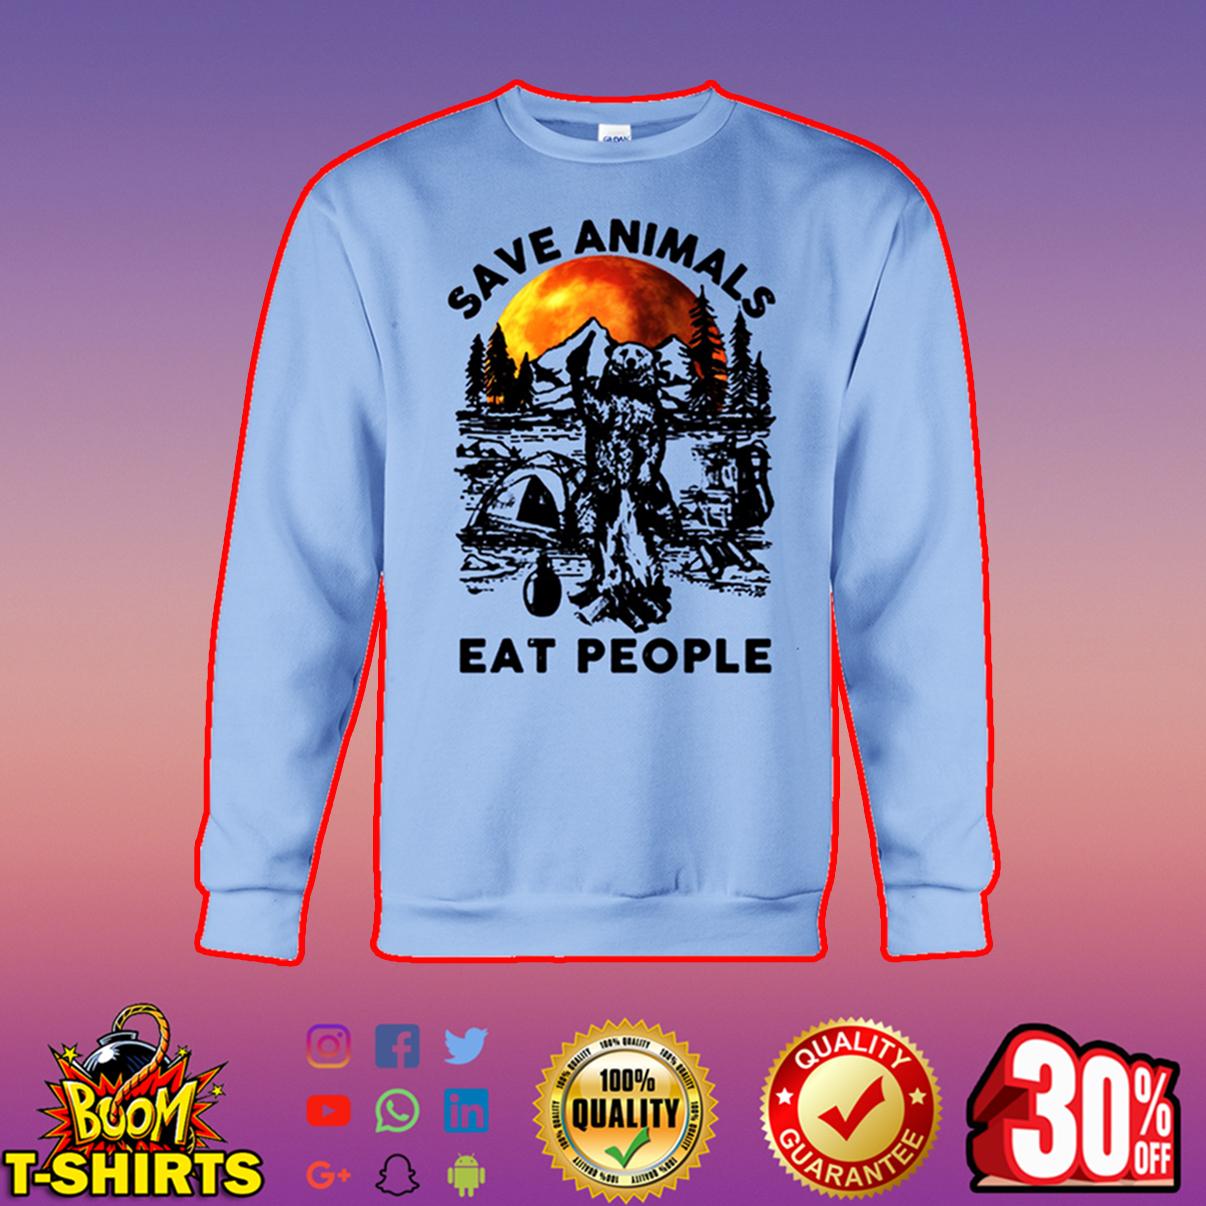 Camping bear save animals eat people sweatshirt